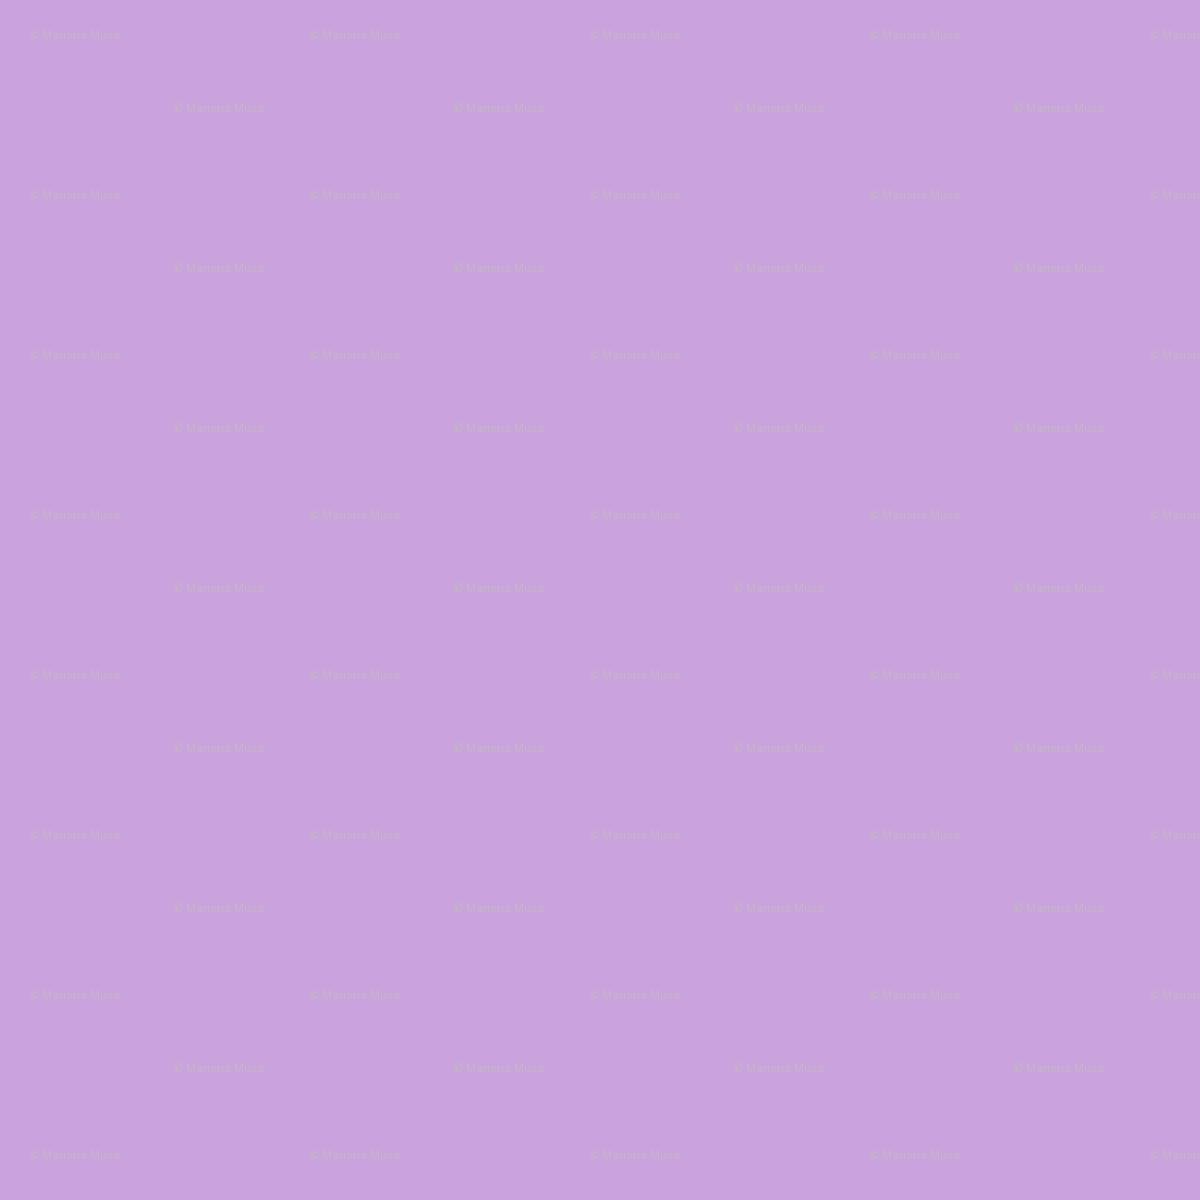 Hình nền màu tím nhạt 1200x1200